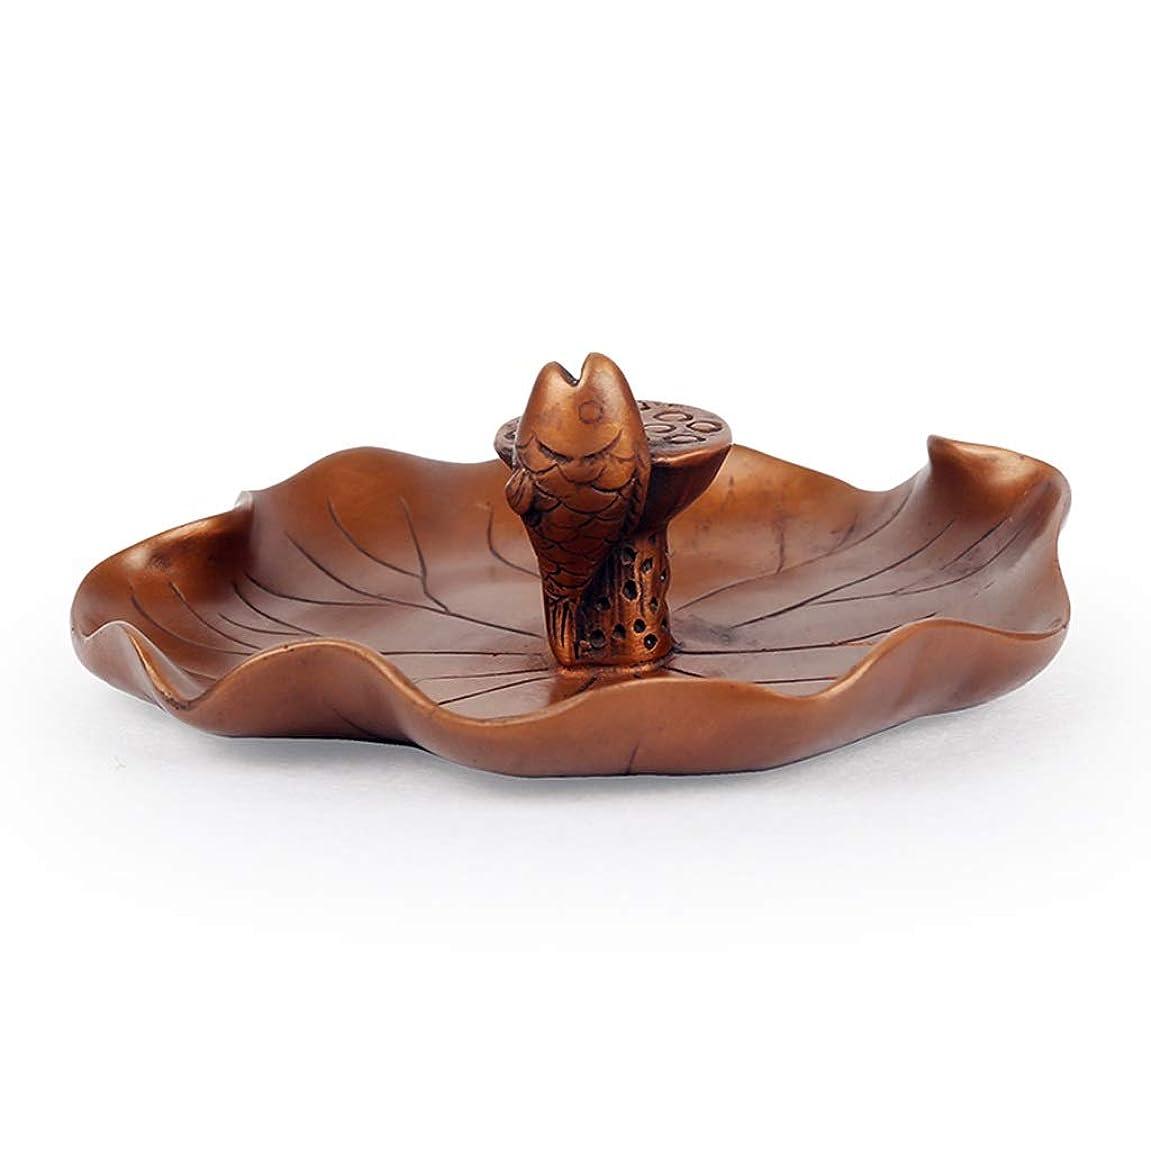 パテ見る人タンザニアホームアロマバーナー 還流香炉ホーム香りの良い禅禅ラッキー鑑賞新しいクリエイティブアガーウッド香バーナー装飾 アロマバーナー (Color : Brass)